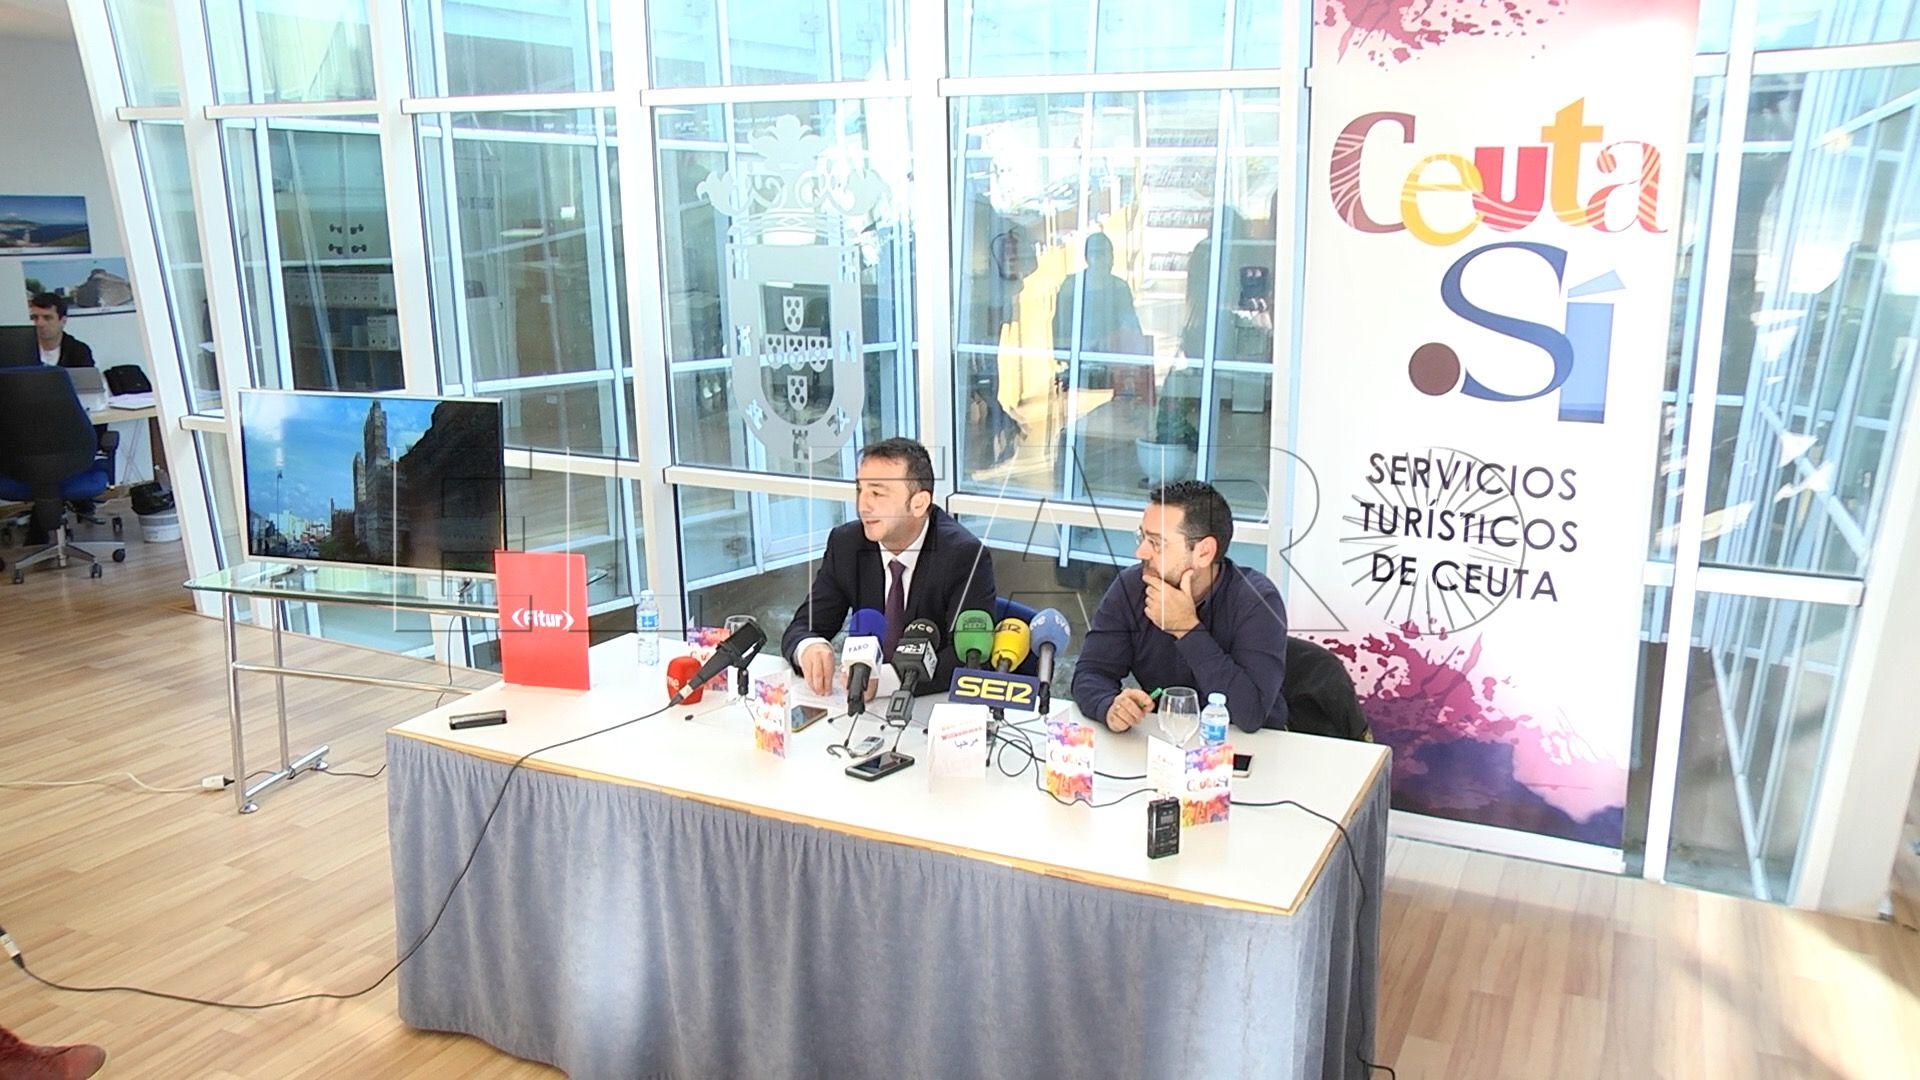 El stand de Ceuta en FITUR mejora su ubicación respecto a ediciones anteriores